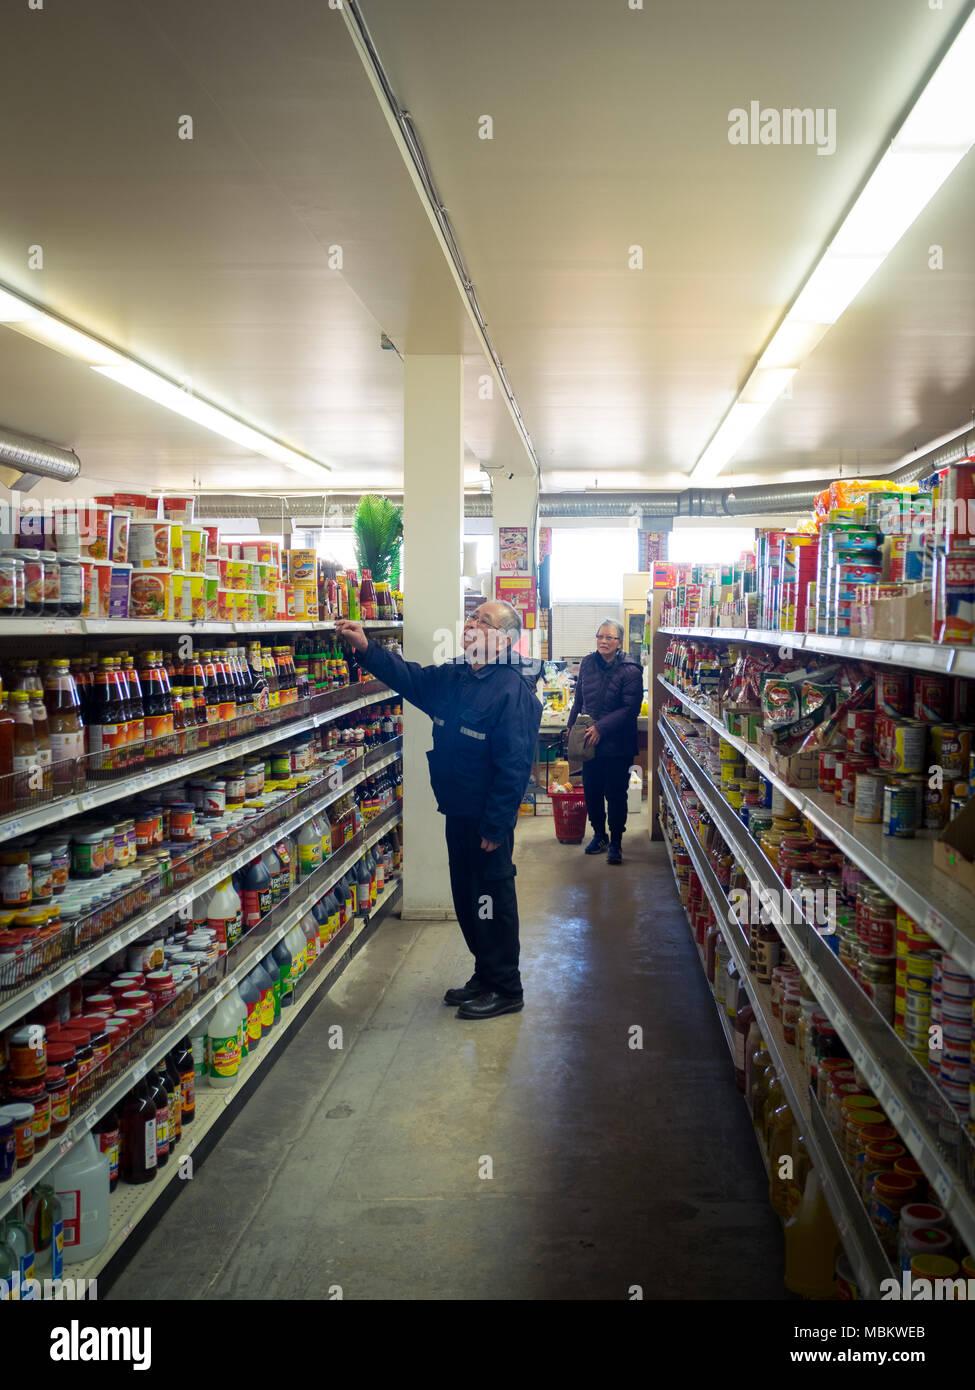 Ein älteres Paar Shop am Markt An-An, einem asiatischen Lebensmittelgeschäft in Chinatown, in der Riversdale Bezirk von Saskatoon, Saskatchewan, Kanada. Stockbild